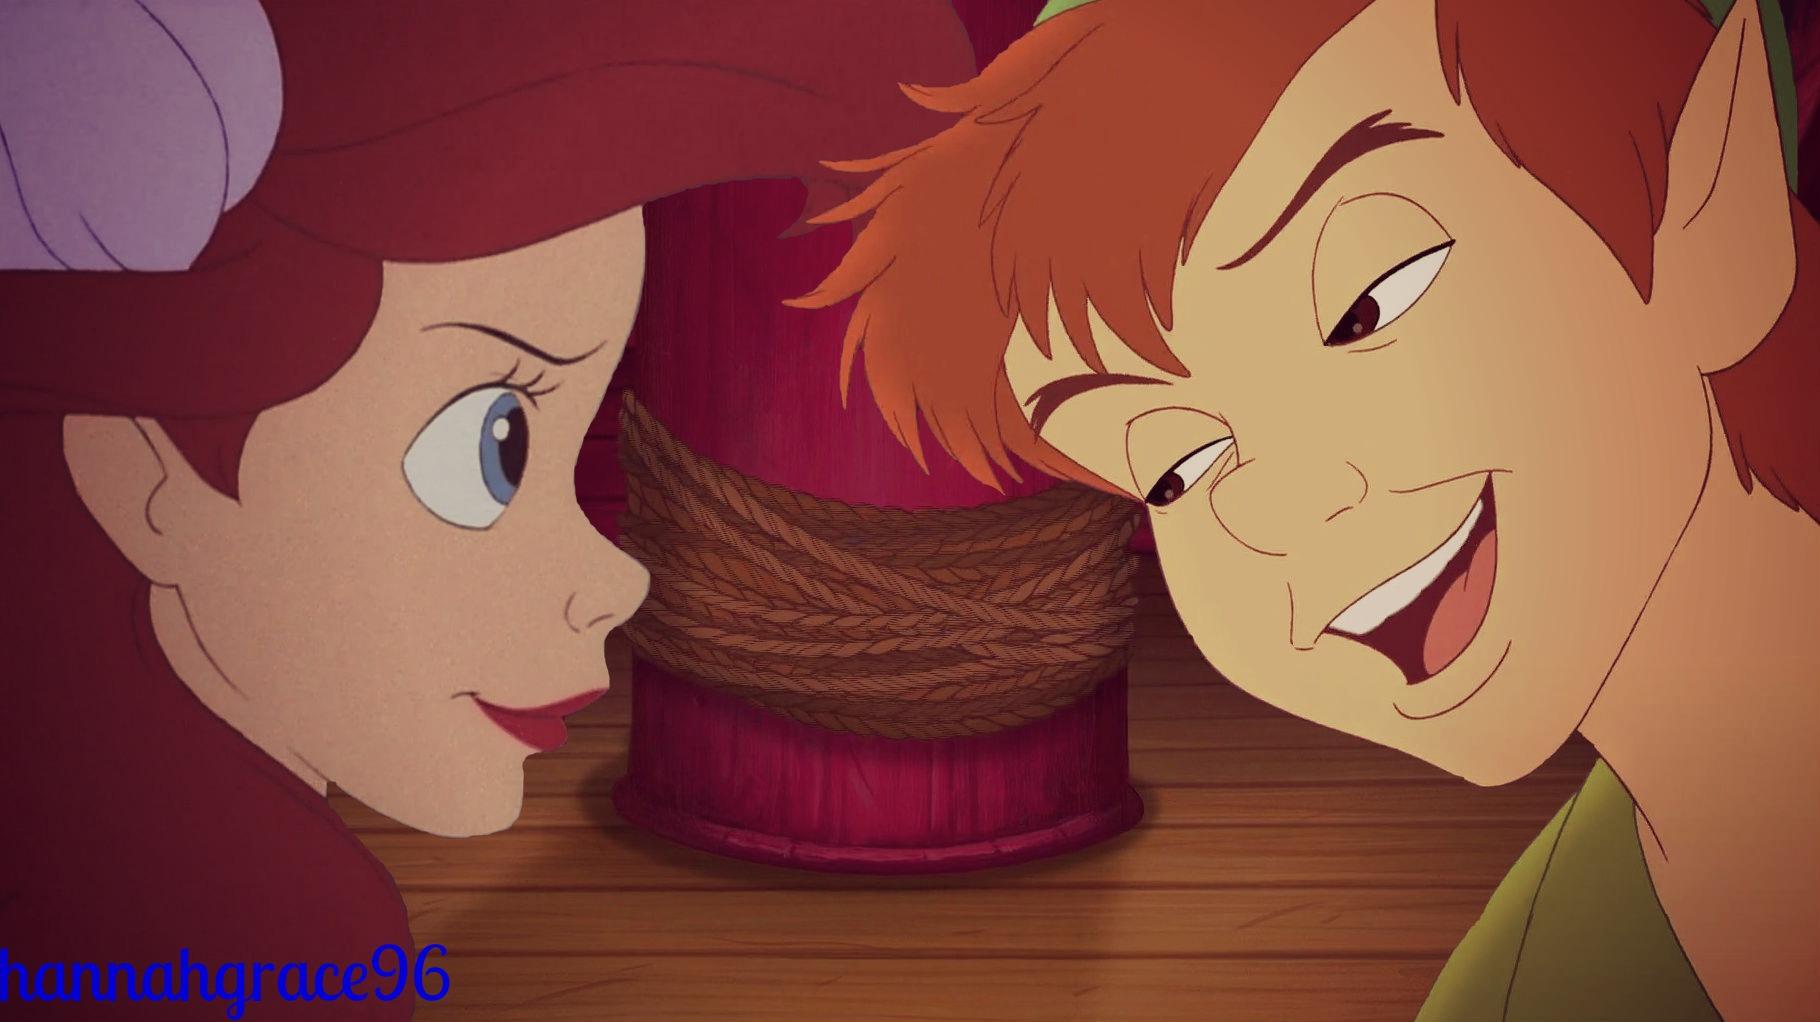 Peter Pan and Ariel